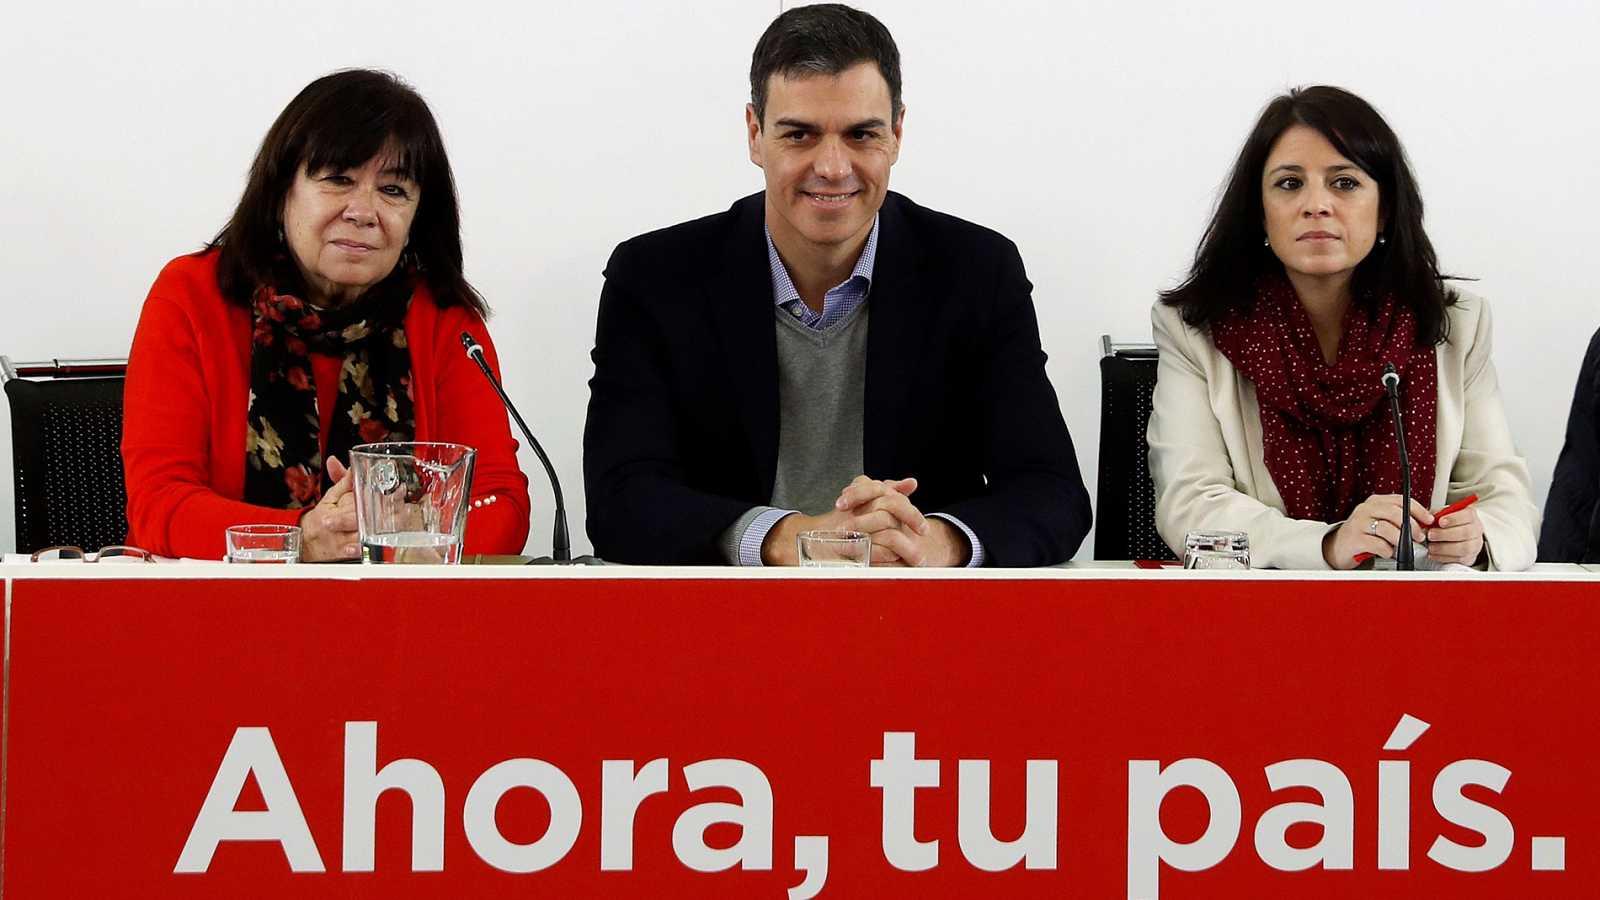 El PSOE promete más poder al militante, que tendrá un código de comportamiento en redes sociales